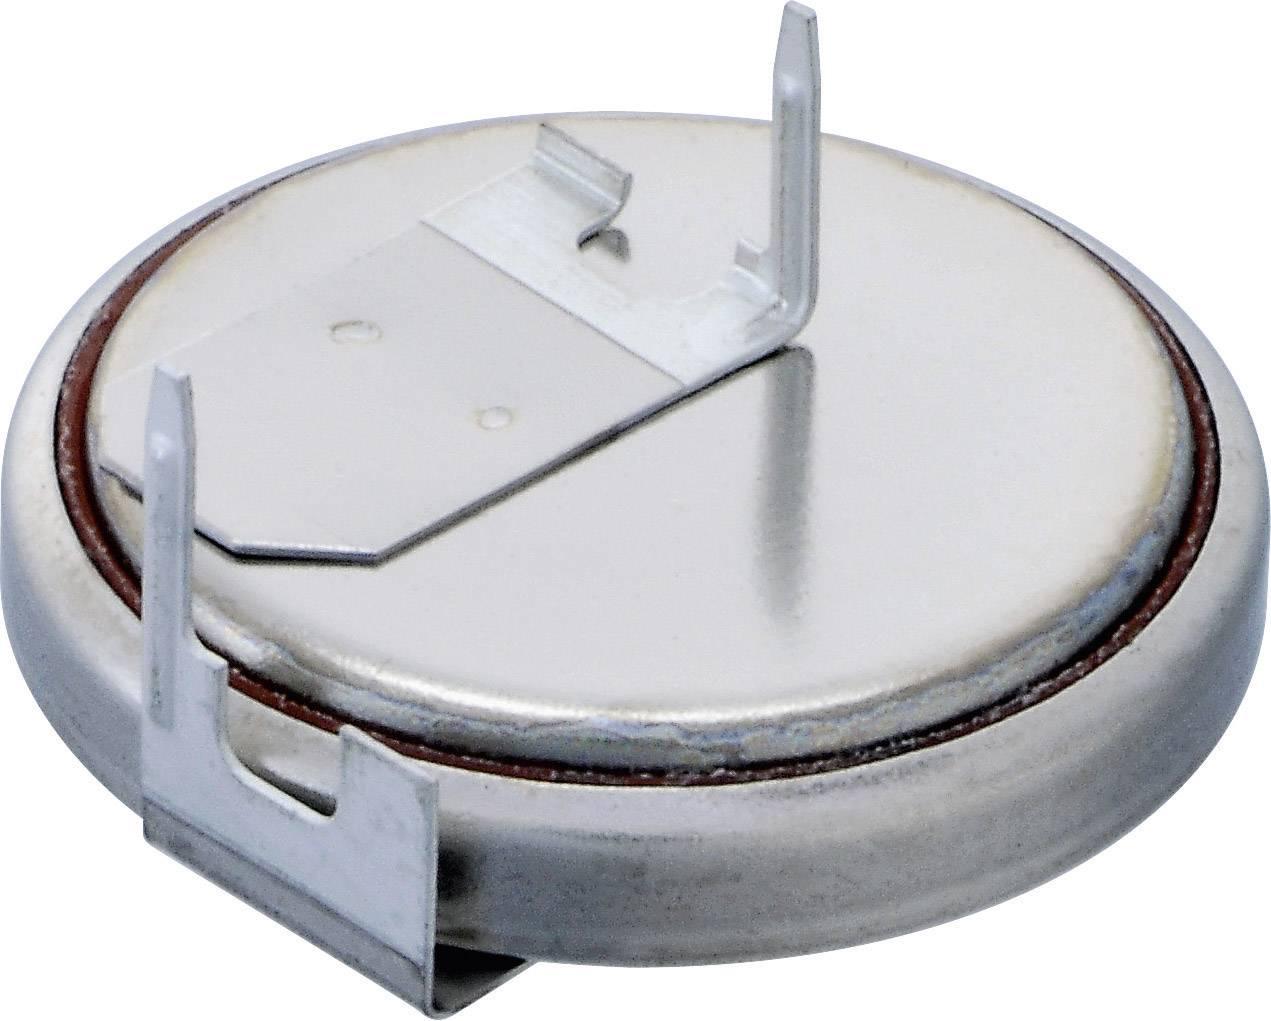 Gombíková batéria Renata CR1632 FH.LF, so spájkovacími kontaktami